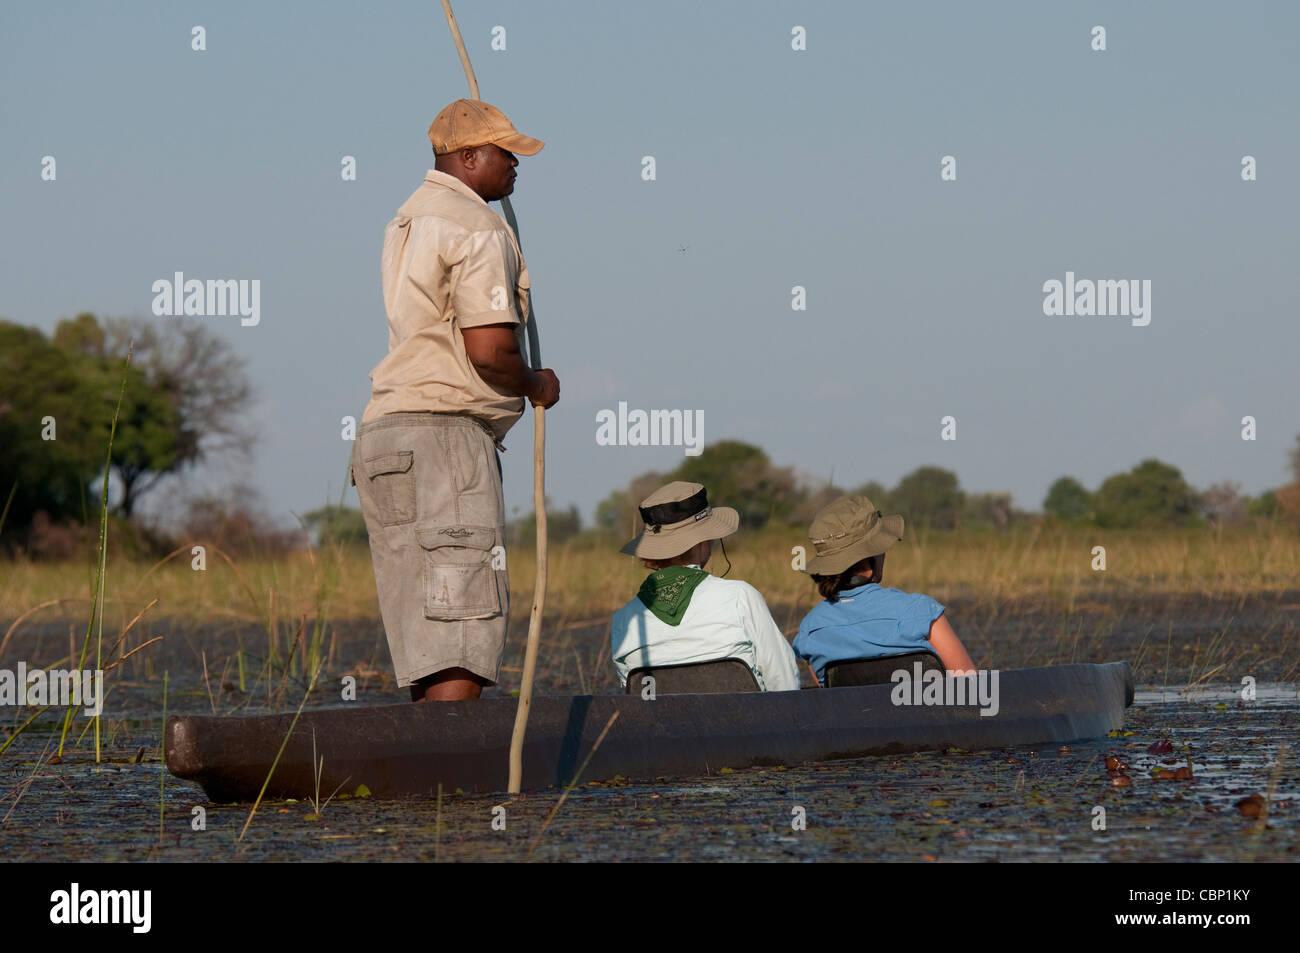 Africa Botswana Okavango Delta-People in Mokoro (dug-out canoe) - Stock Image